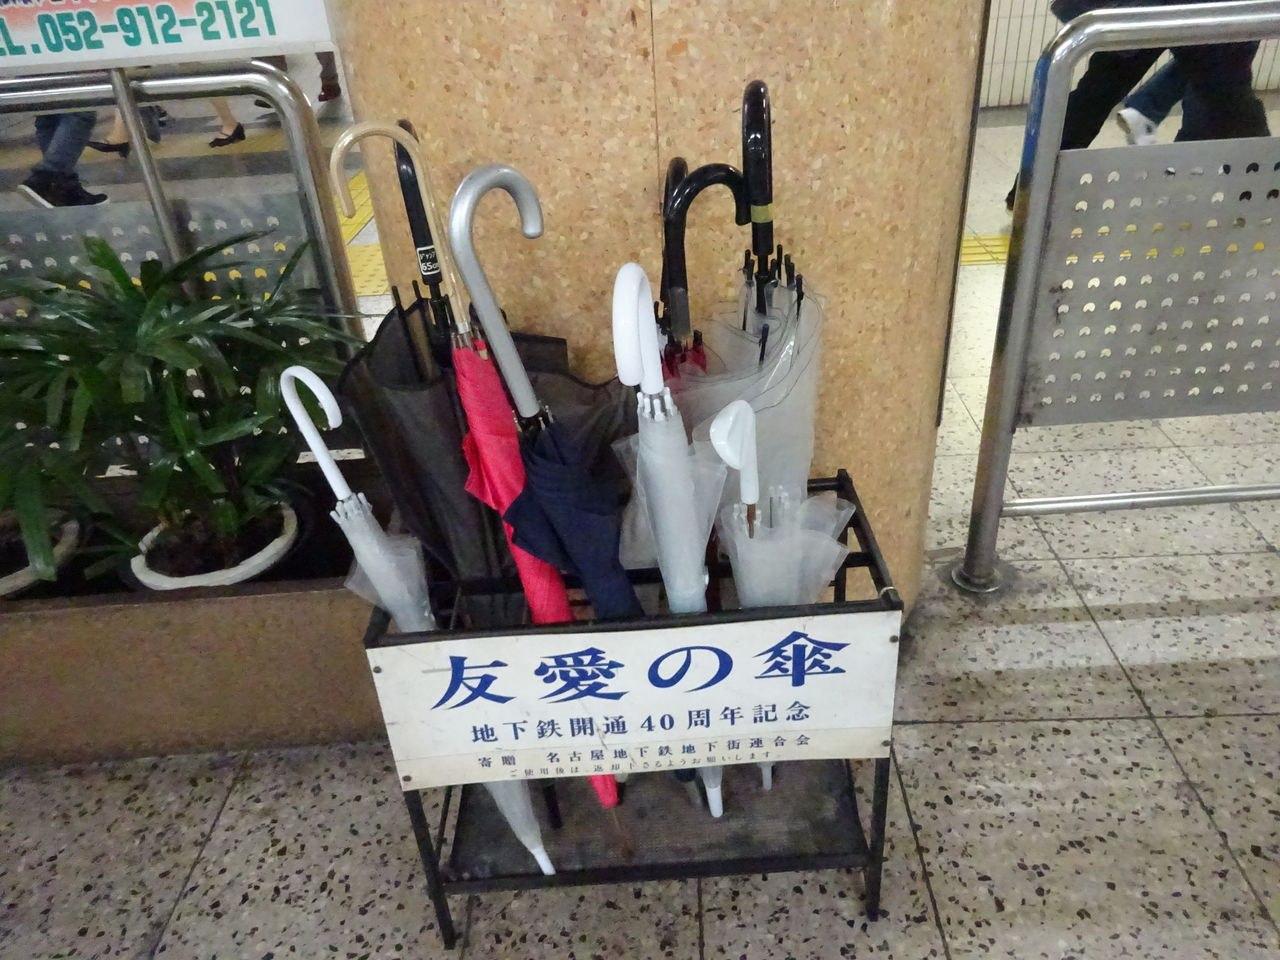 ombrelli cortesia giappone